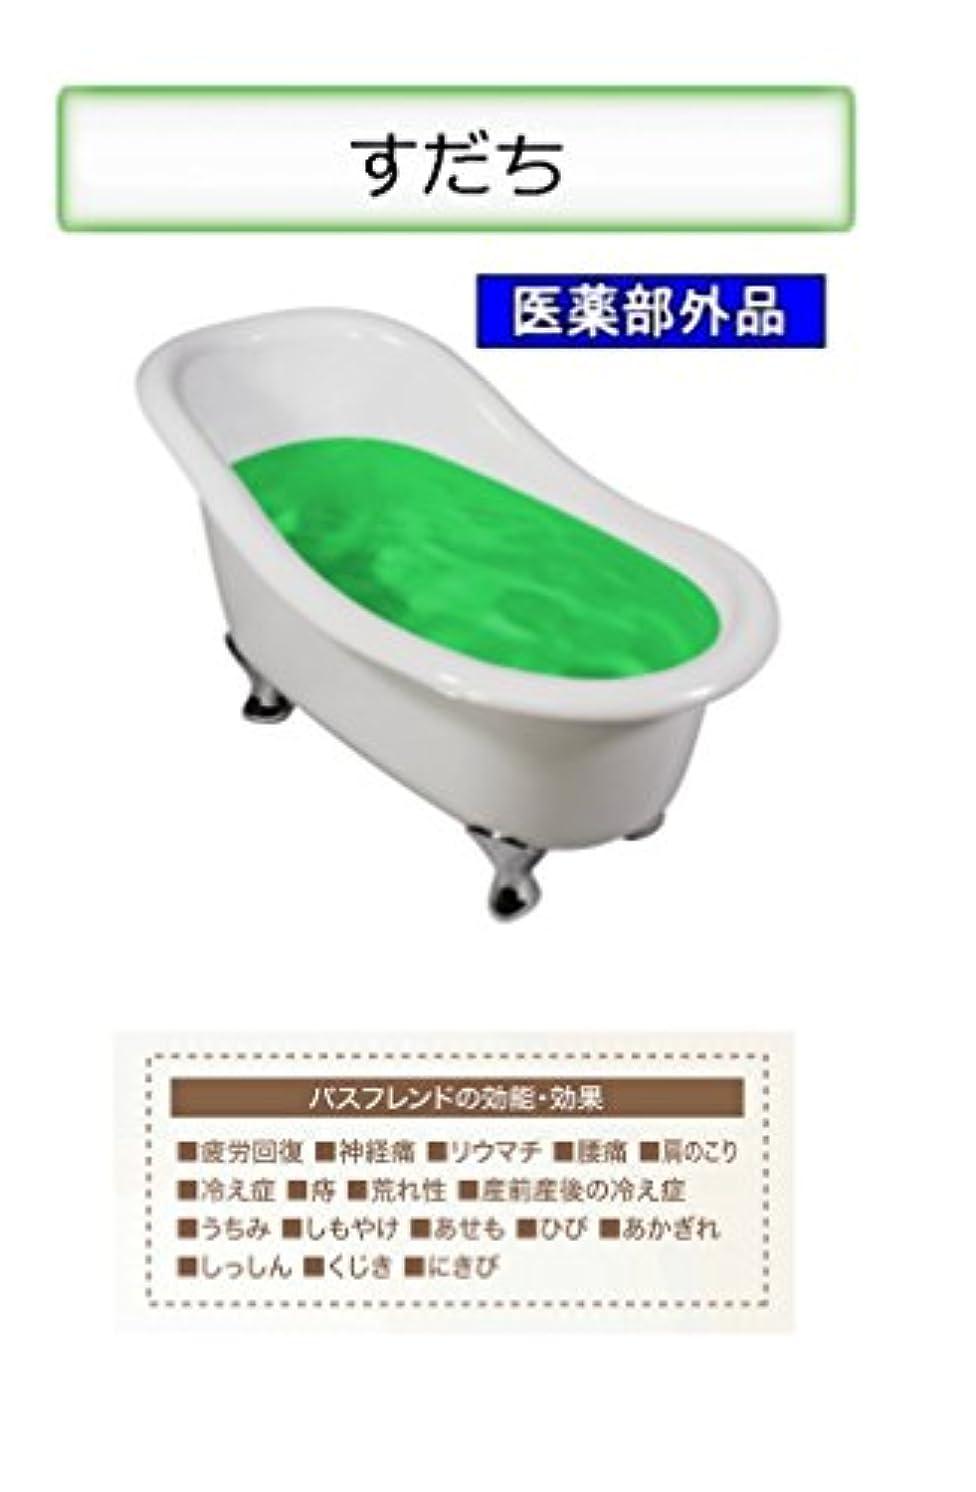 ピラミッド進化改革薬用入浴剤 バスフレンド/伊吹正 (すだち, 17kg)